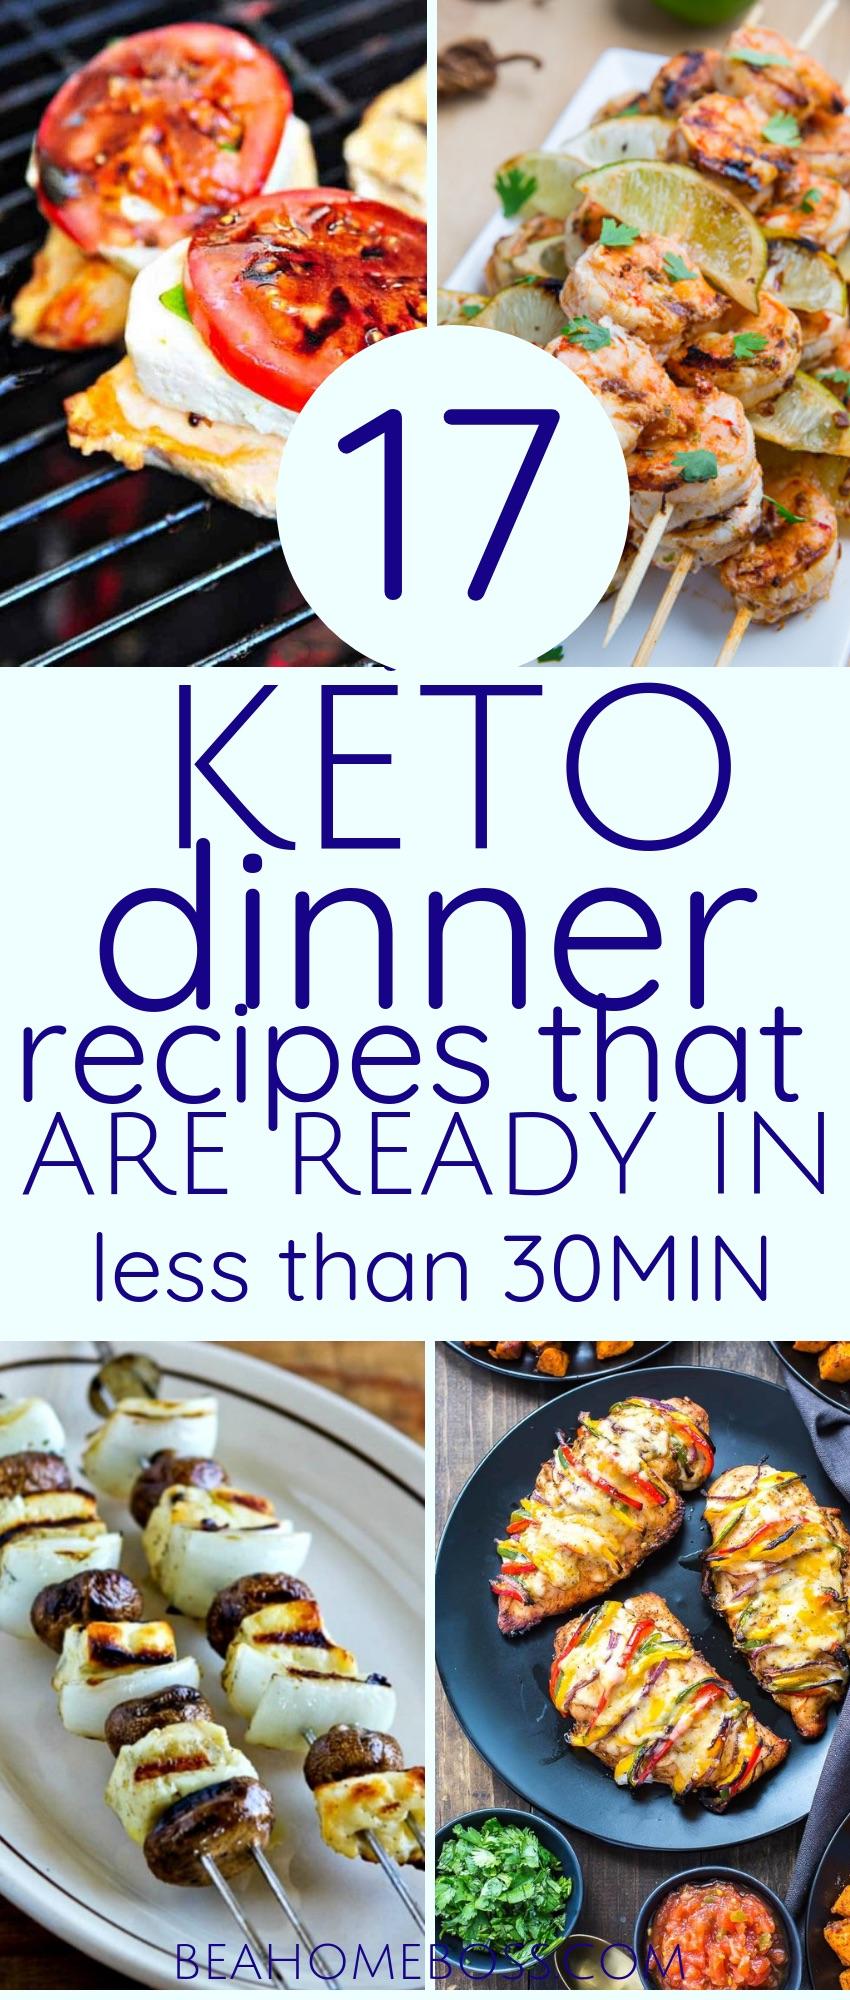 keto dinner ideas.jpg